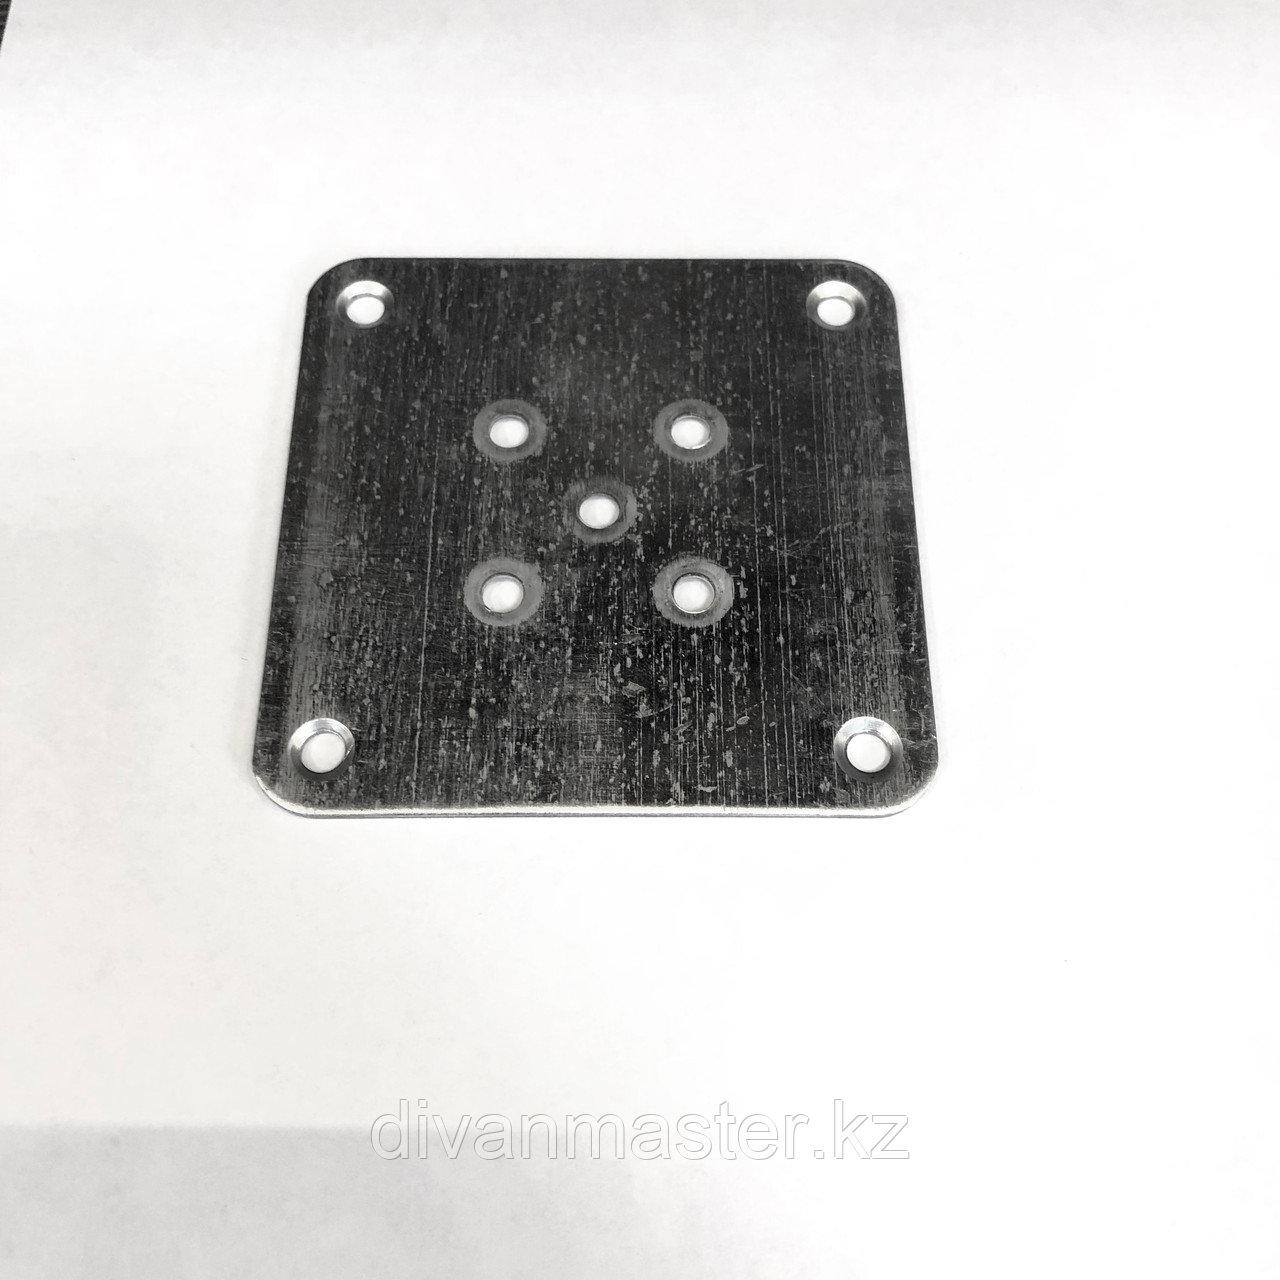 Пластина для крепления деревянных, мебельных опор 8,5х8,5см